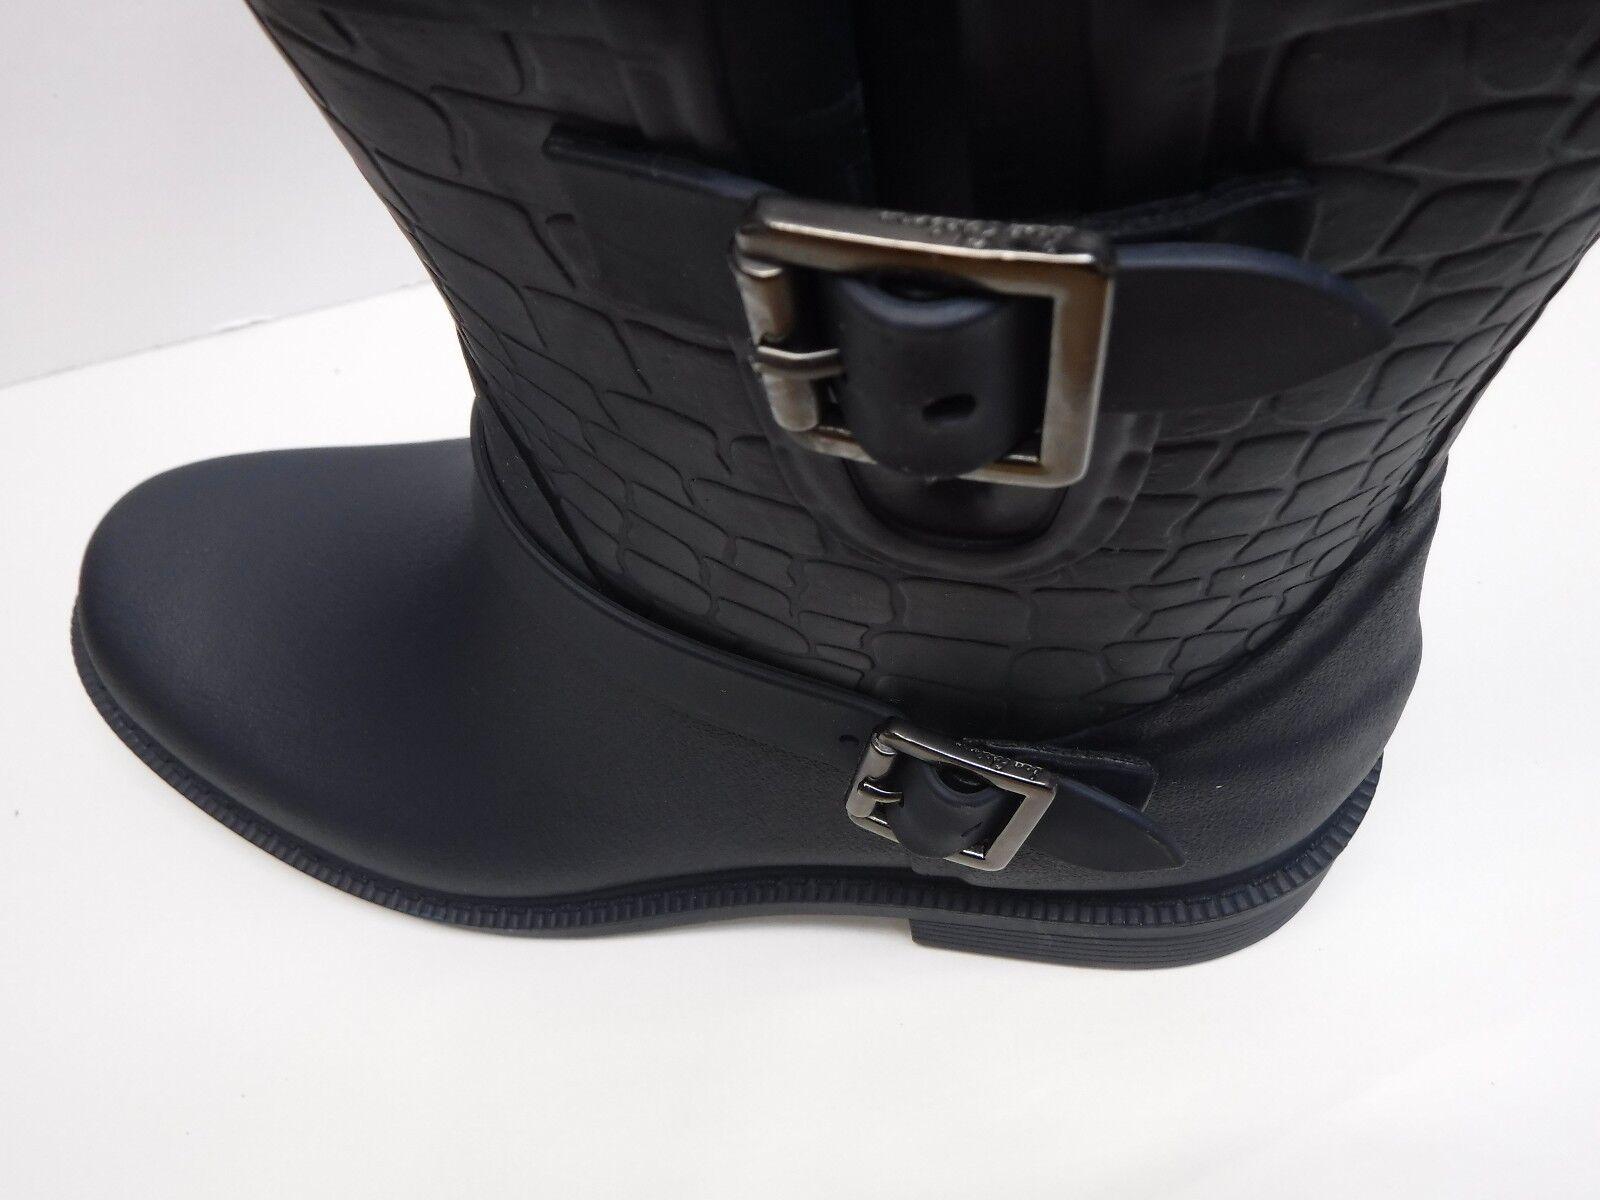 Sam Edelman Größe 7 Rubber Rain Stiefel Navy Blau New Damenschuhe Schuhes